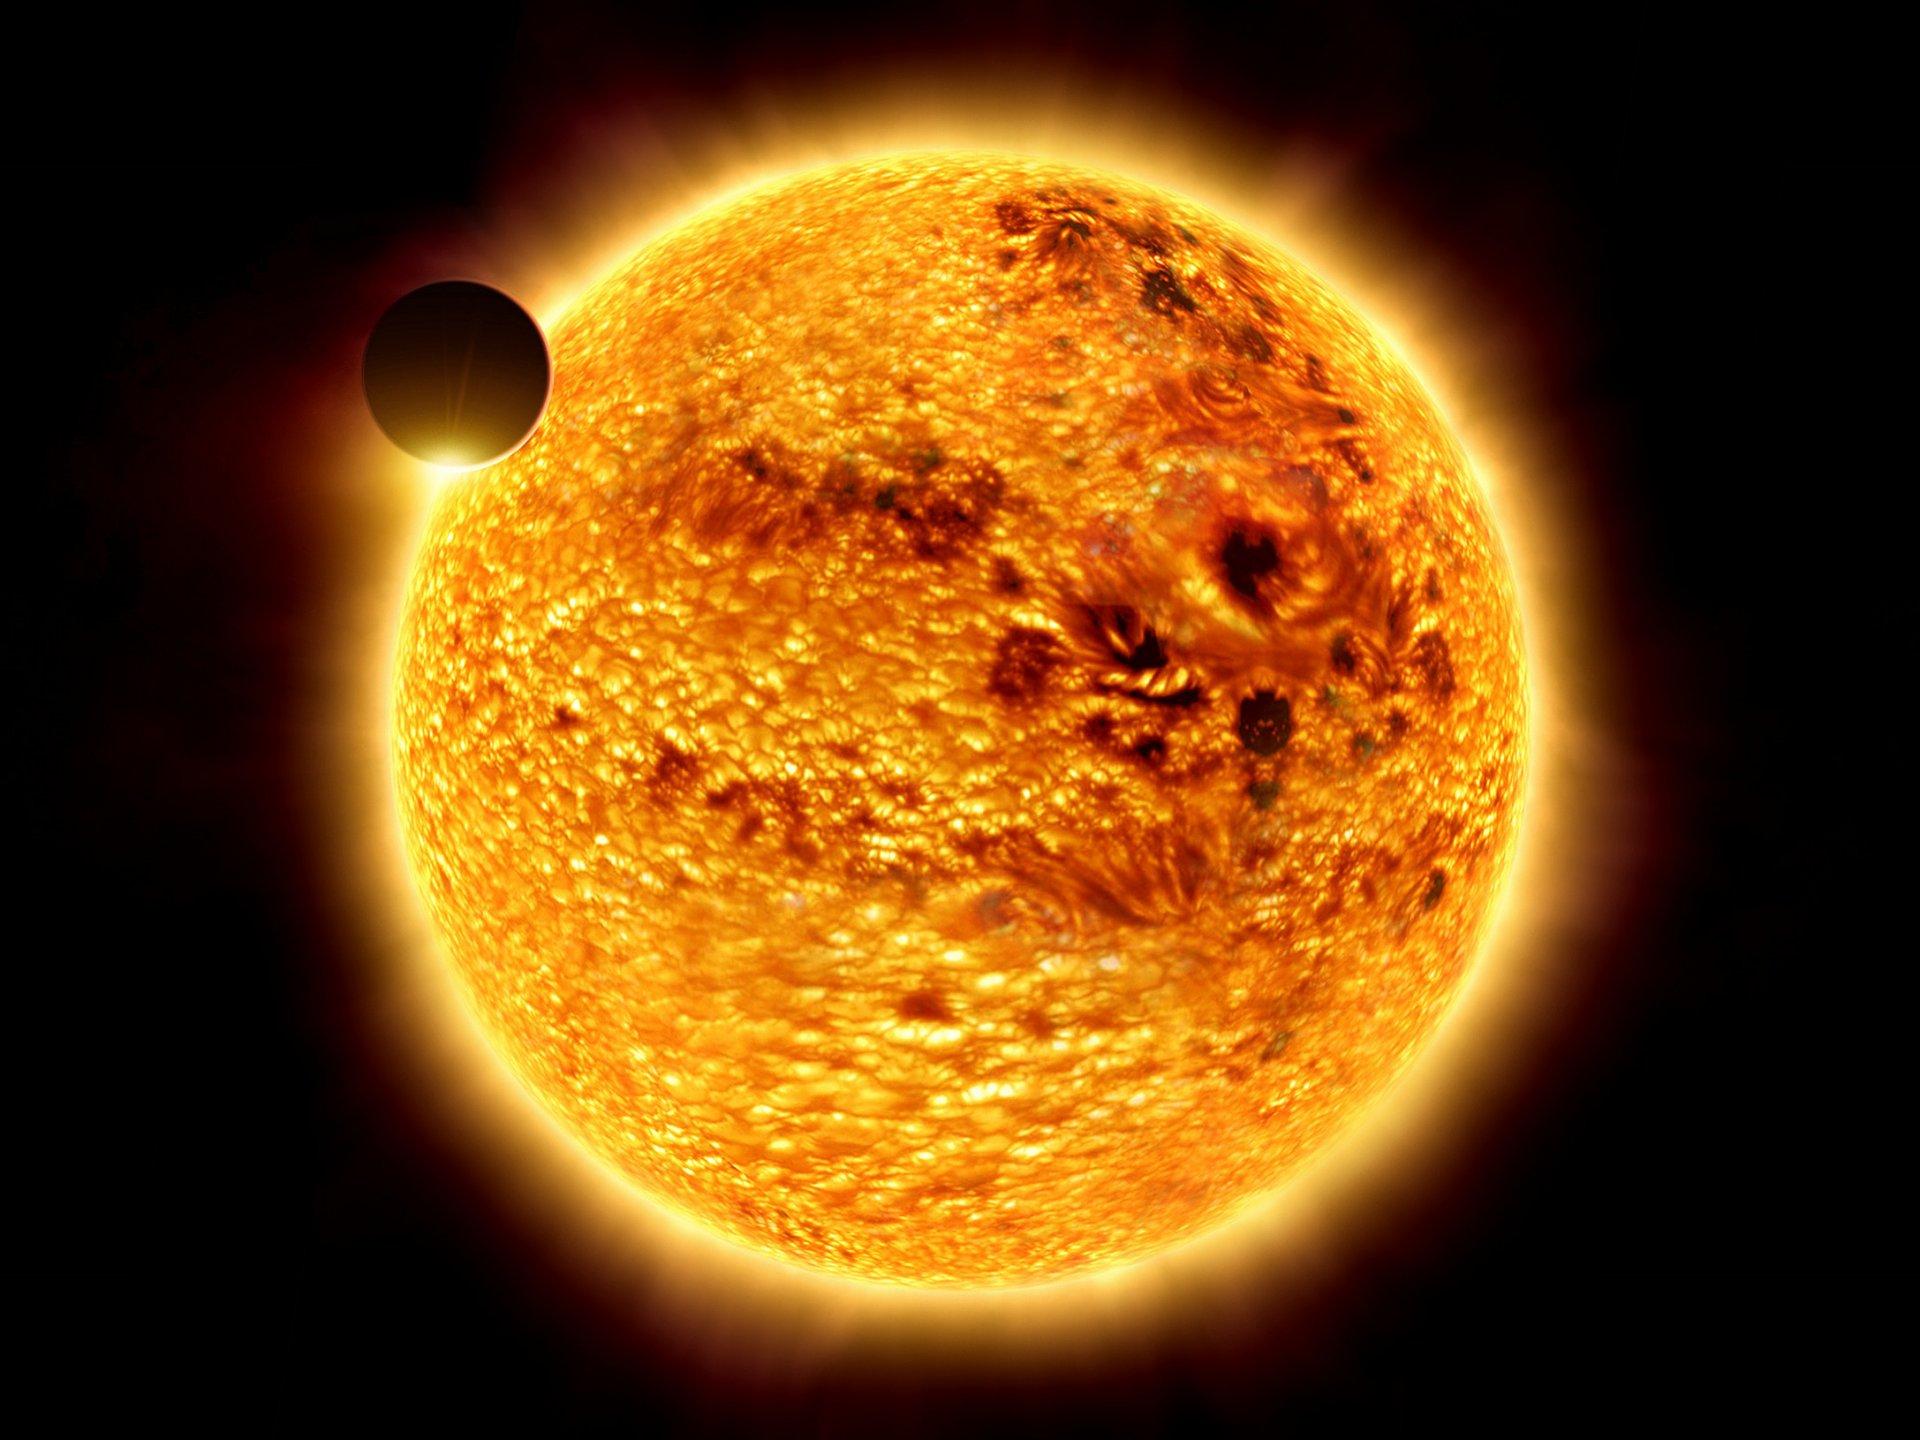 картинка с солнцем и планетами быстрого